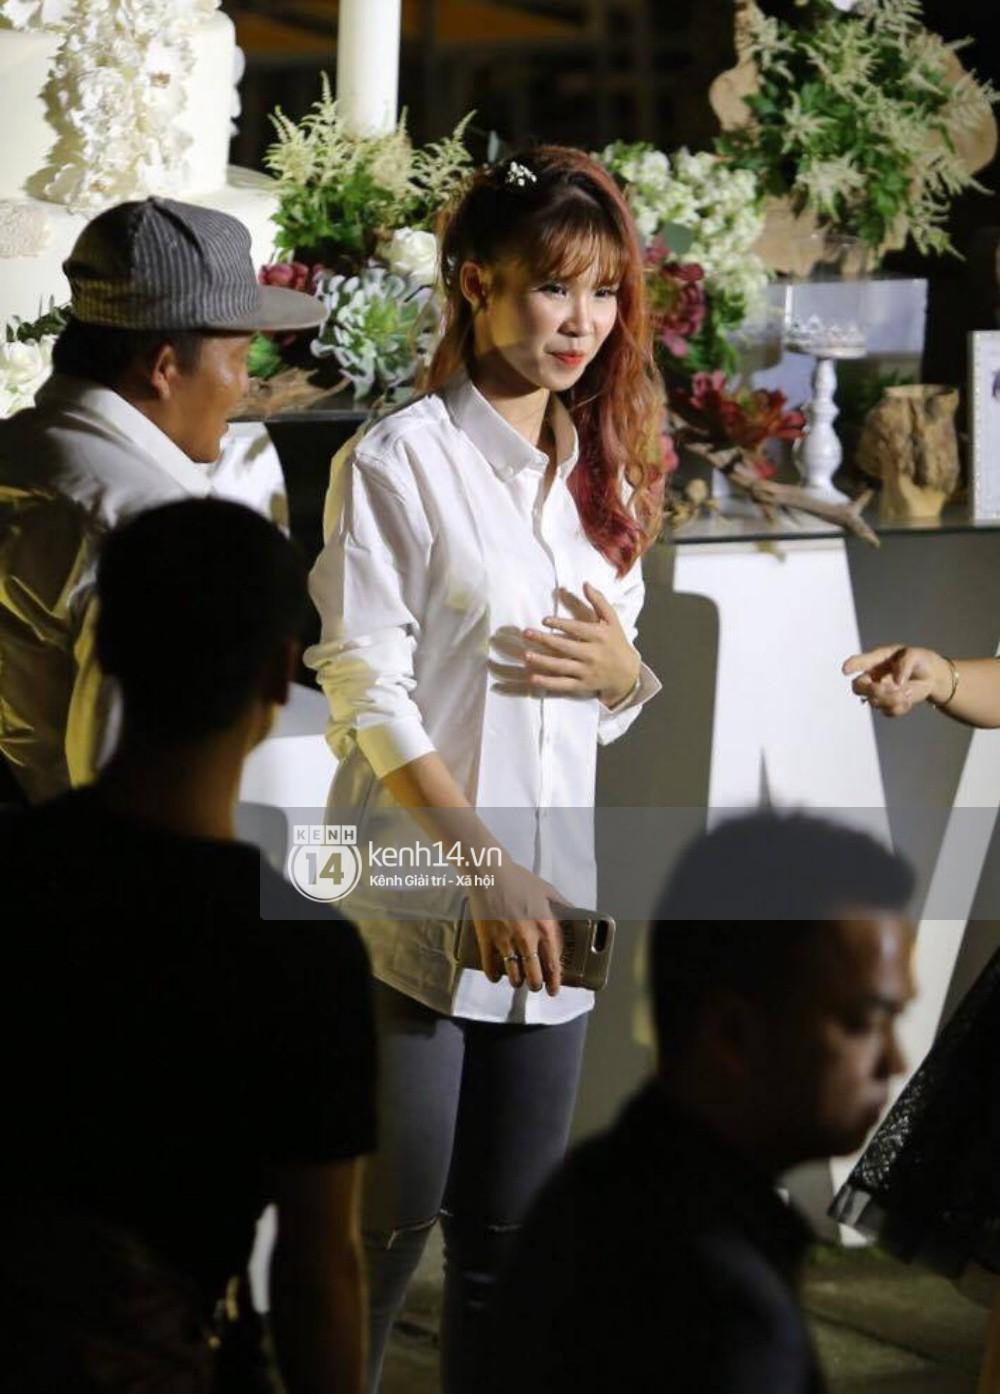 Cập nhật: Vợ chồng Kelvin Khánh - Khởi My diện trang phục giản dị, quậy tưng bừng trong tiệc cưới - Ảnh 16